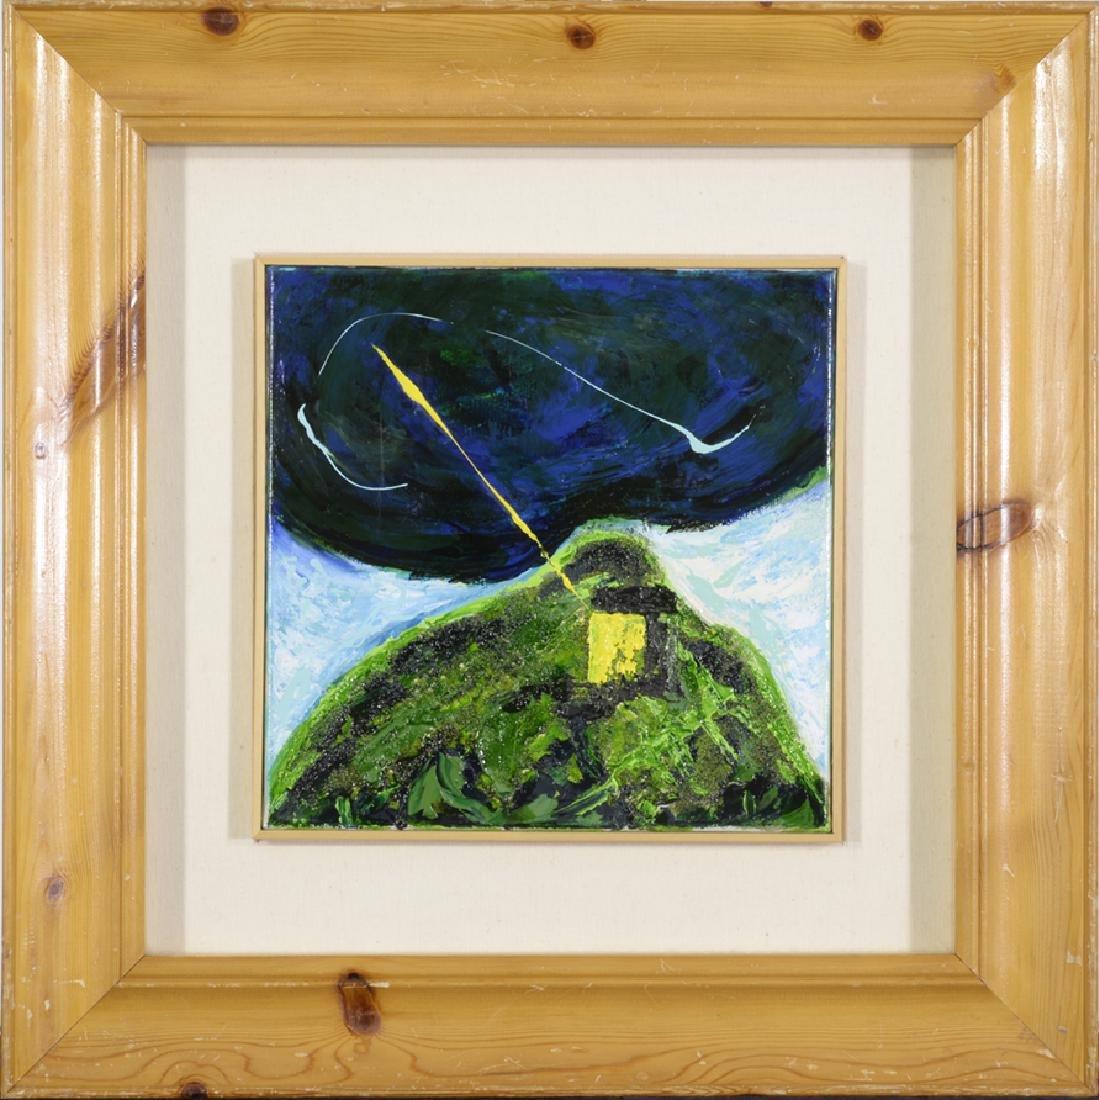 Mario Schifano 1934-1998, Original Enamel on Canvas,